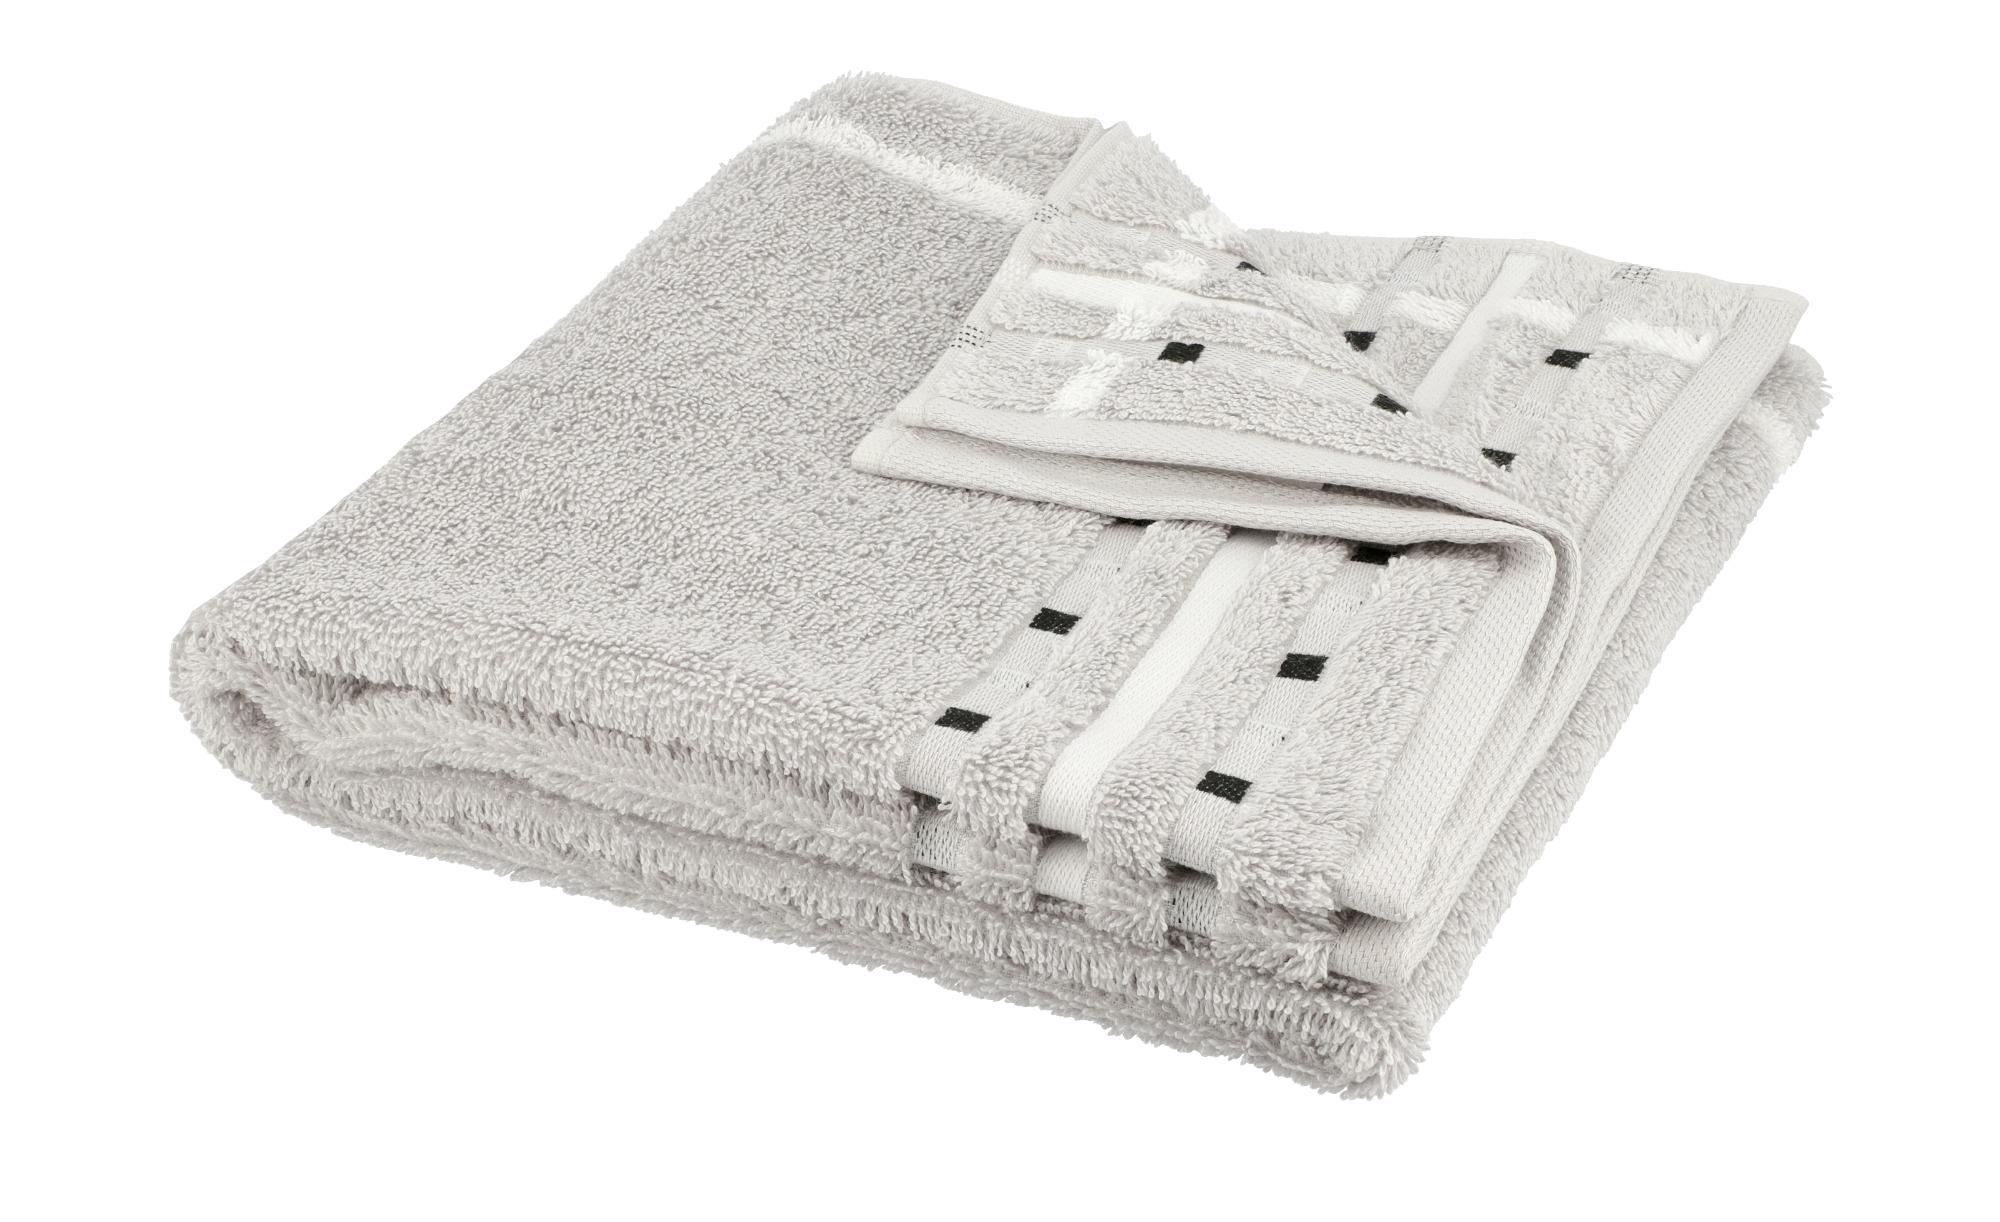 VOSSEN Handtuch  Atletico ¦ grau ¦ 100% Baumwolle ¦ Maße (cm): B: 50 Badtextilien und Zubehör > Handtücher & Badetücher > Handtücher - Höffner